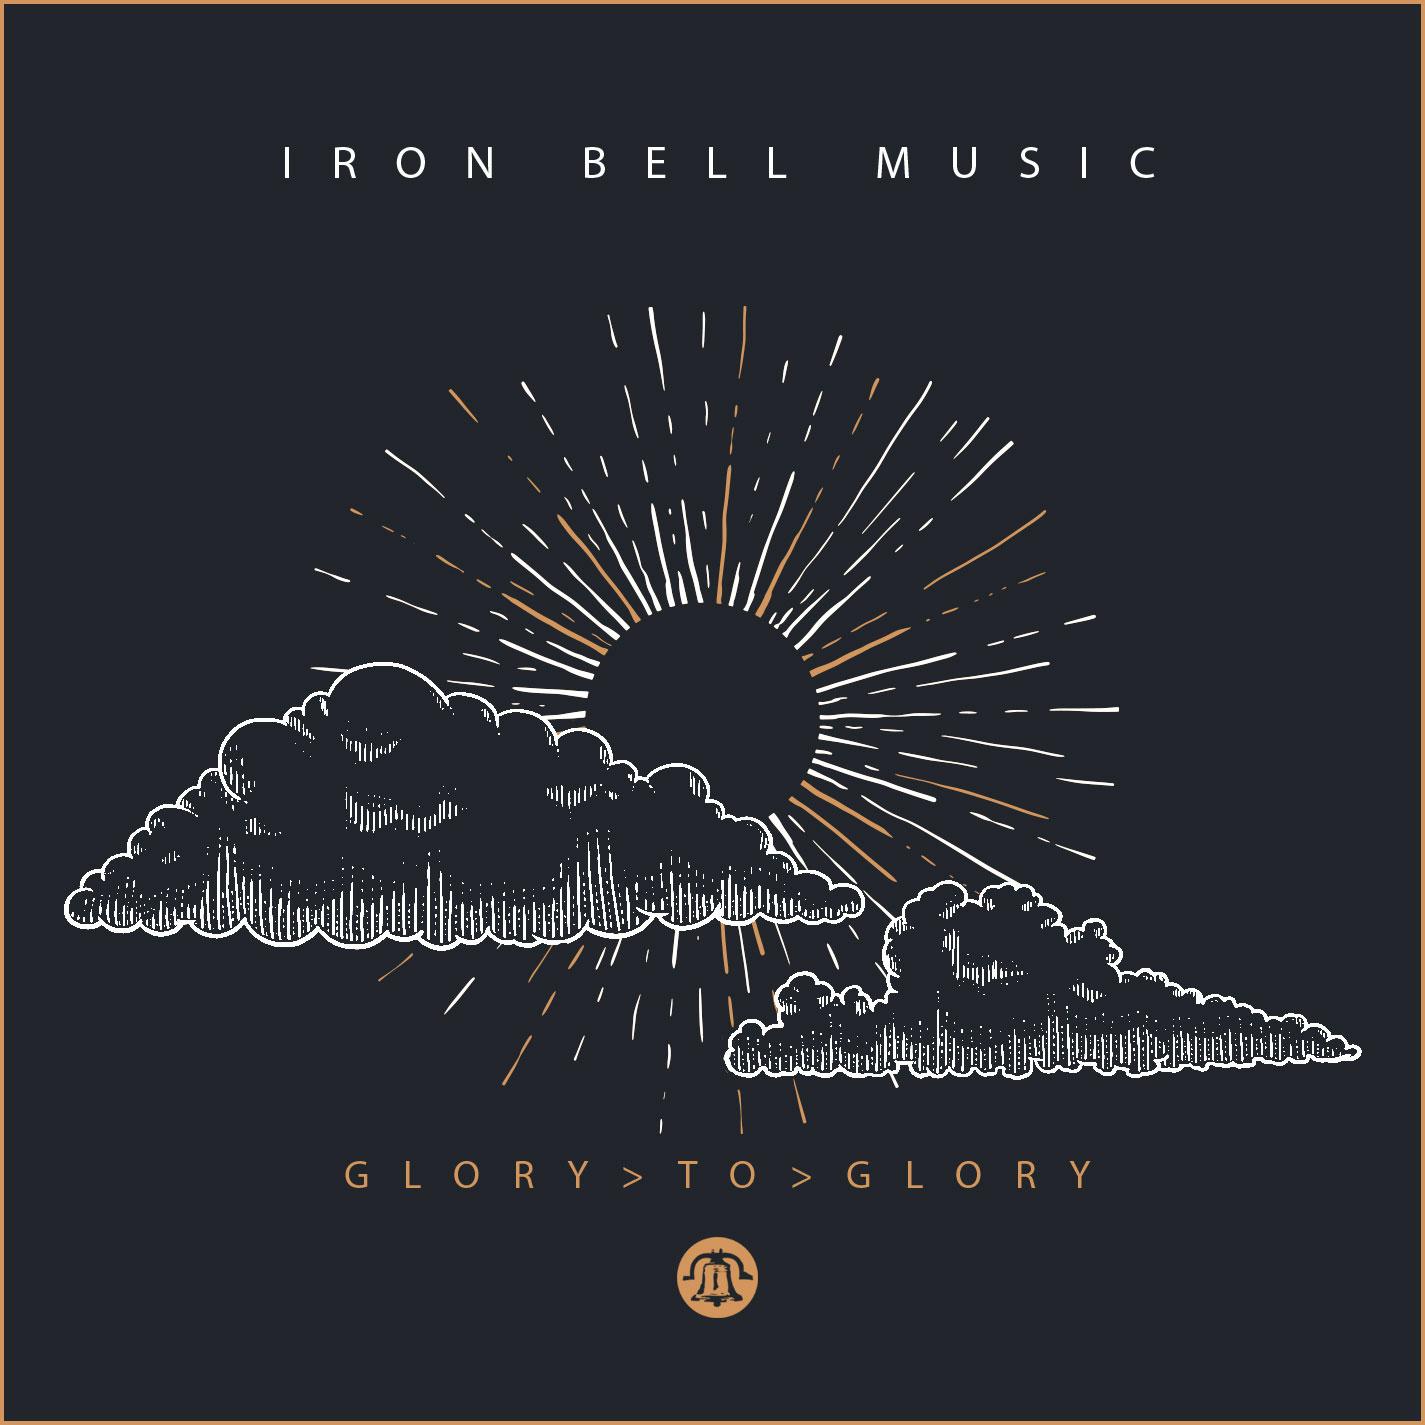 ironbell_glorytogloy_albumart-copy.jpg